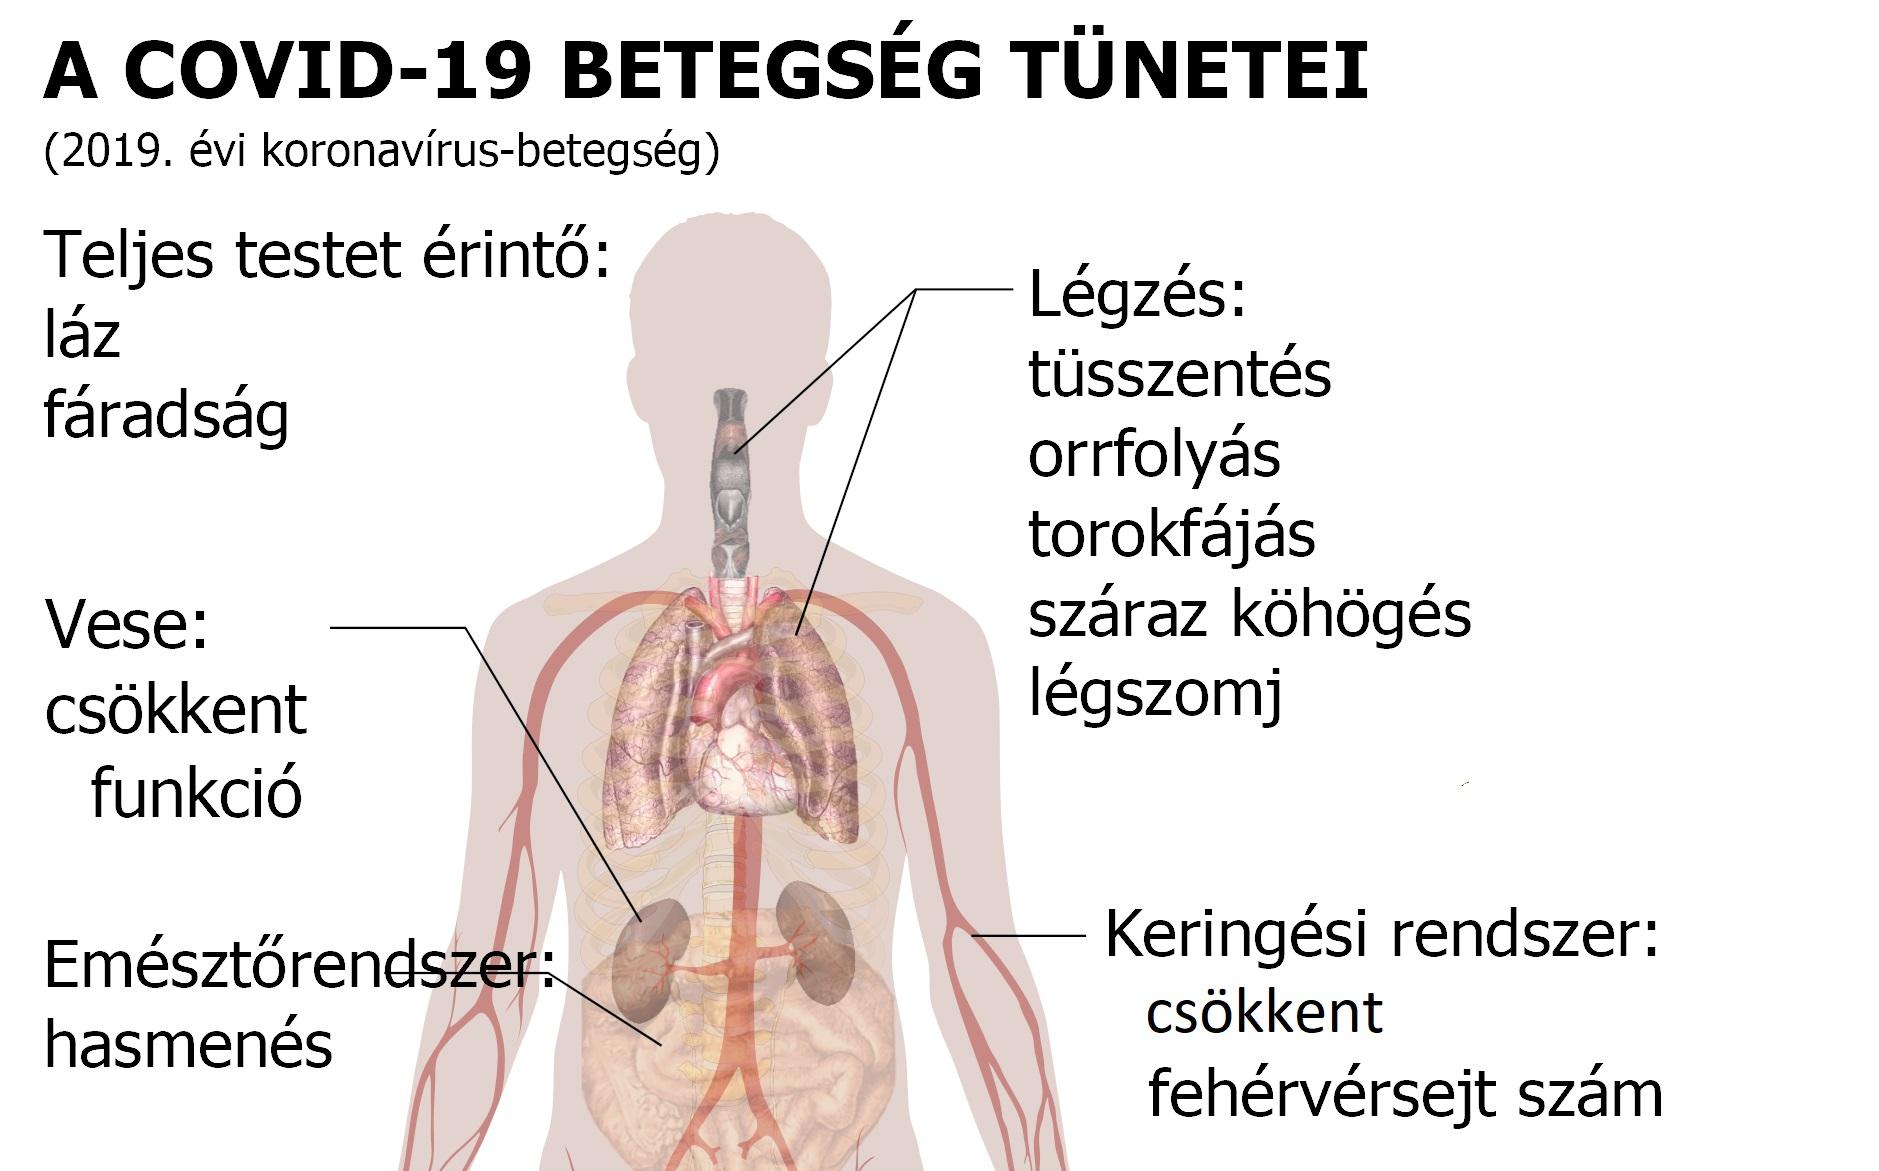 vese magas vérnyomás szindróma milyen típusú magas vérnyomás van